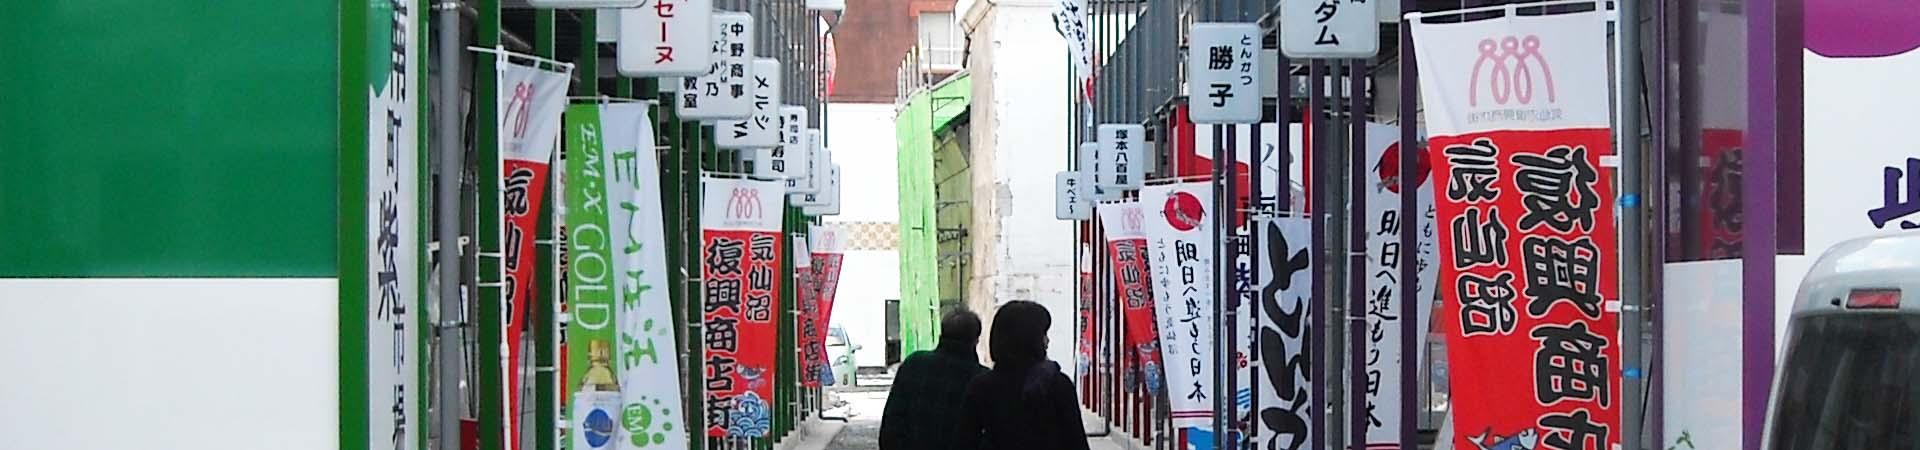 特定非営利活動法人 気仙沼復興商店街